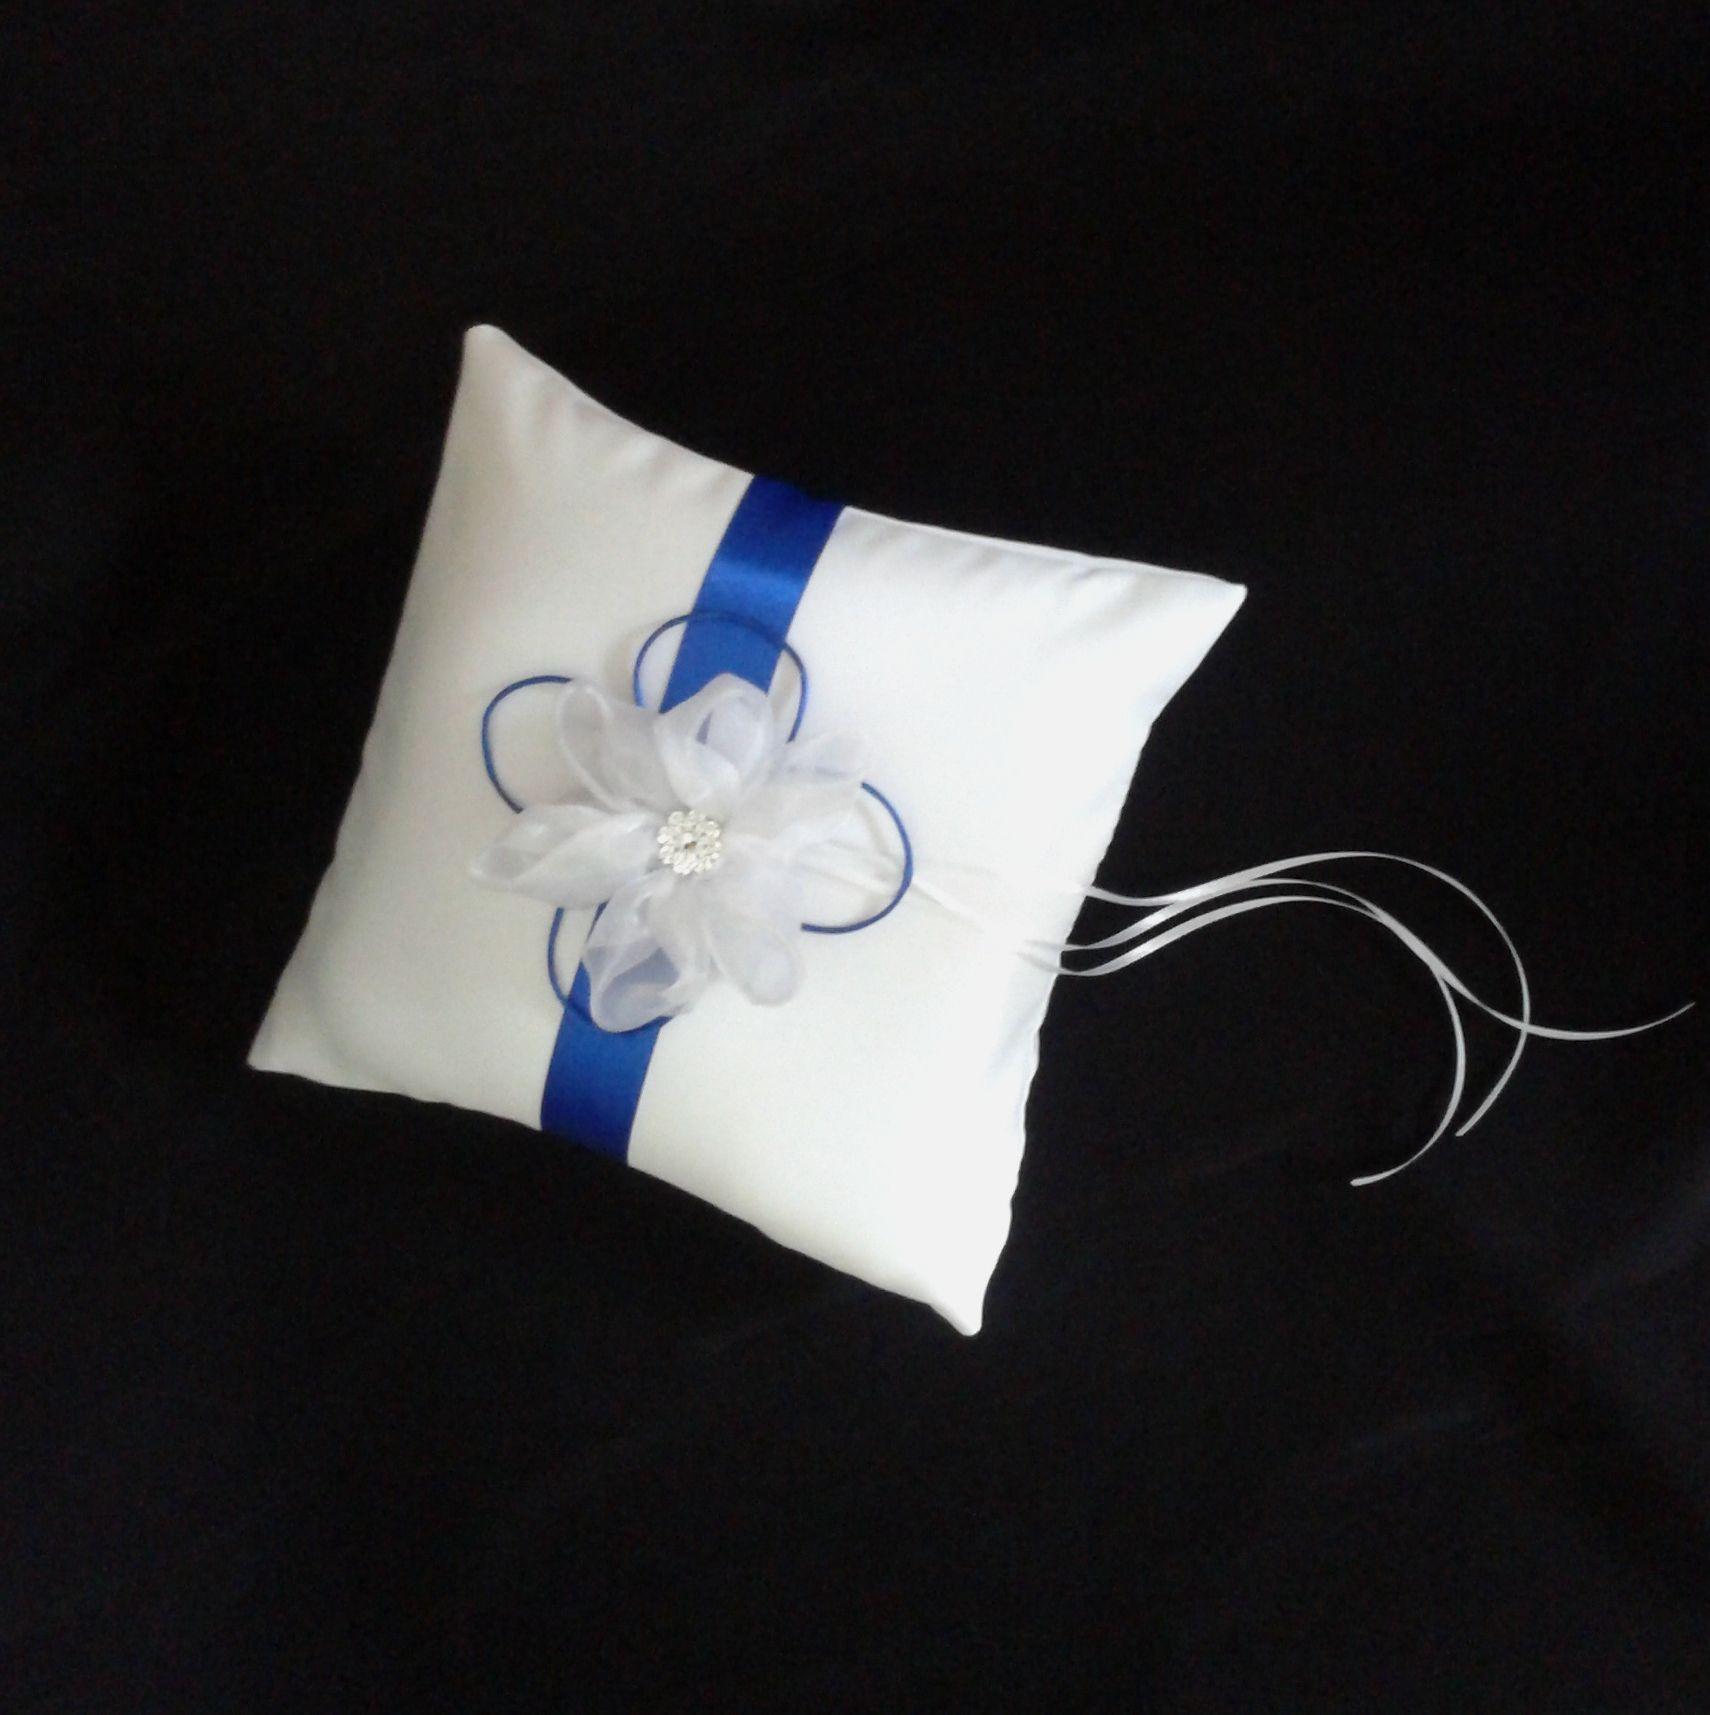 CO_120 Cojin para Anillos Blanco Azul Rey #bodas   bodas   Pinterest ...